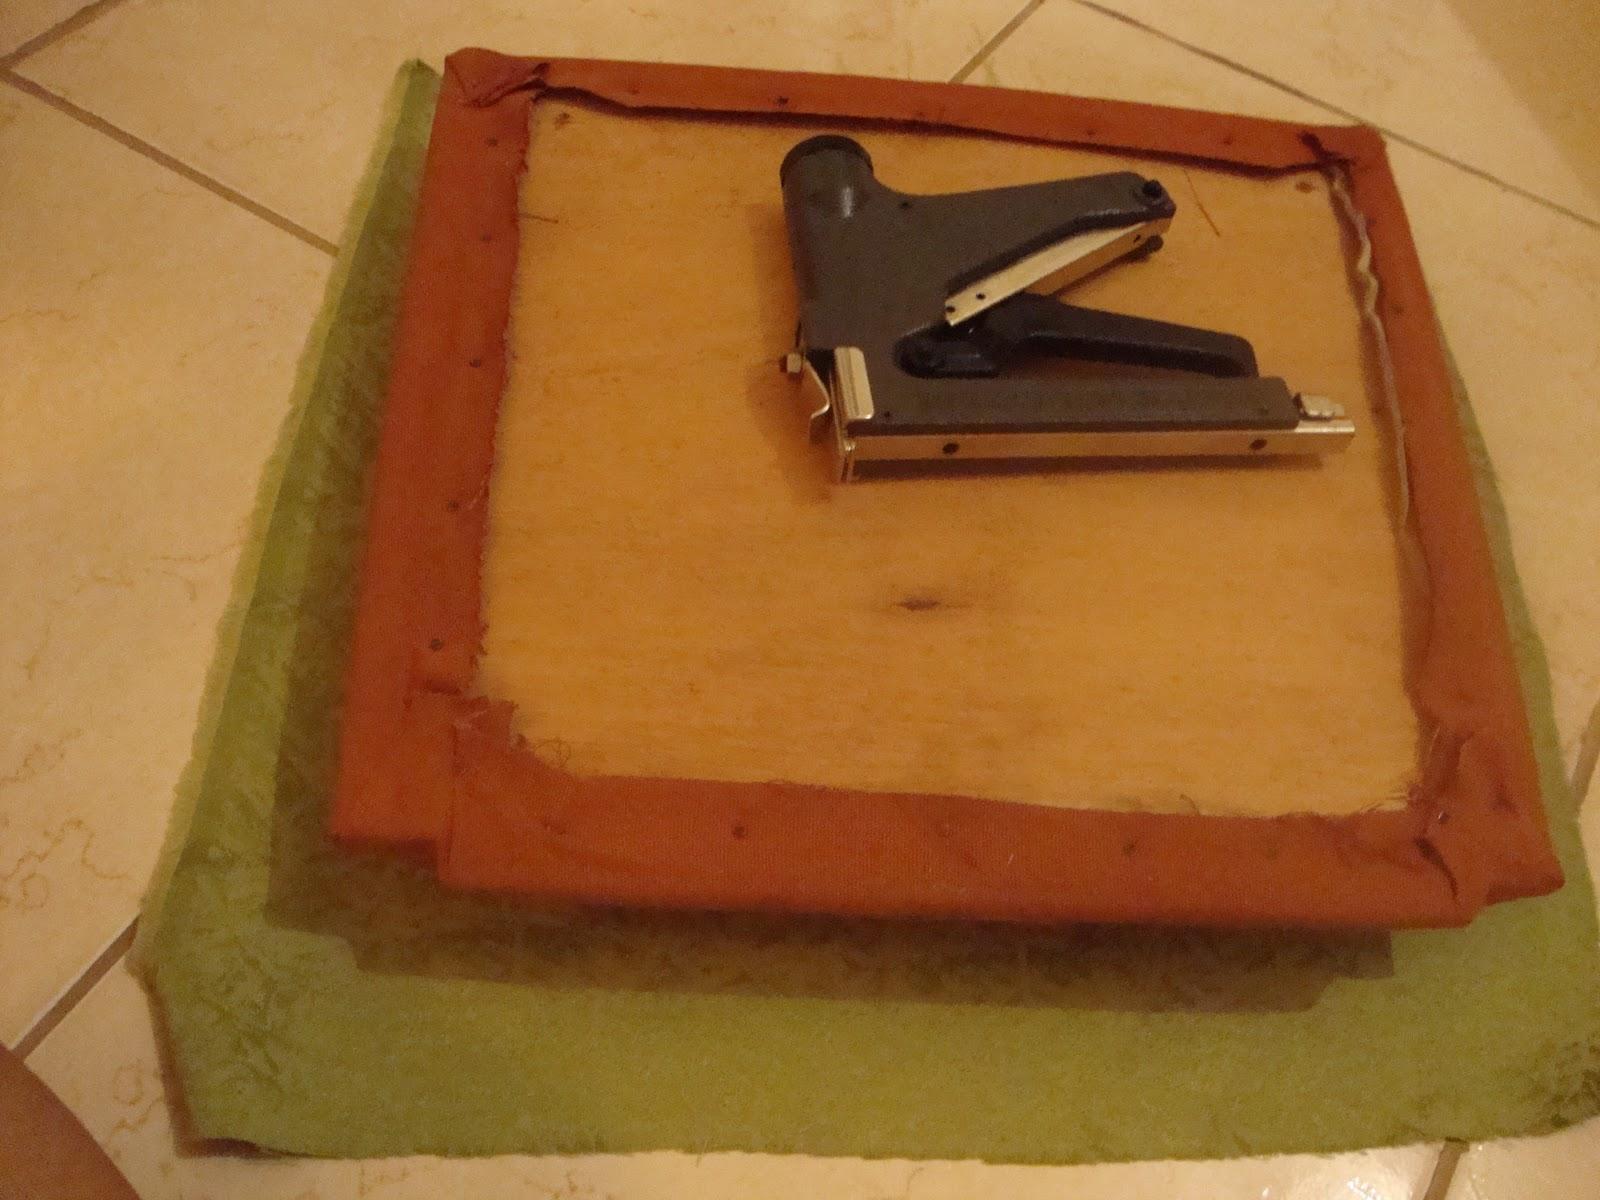 para forrar 6 cadeiras utilizei 1 5 metros de tecido e o grampeador de #B57116 1600x1200